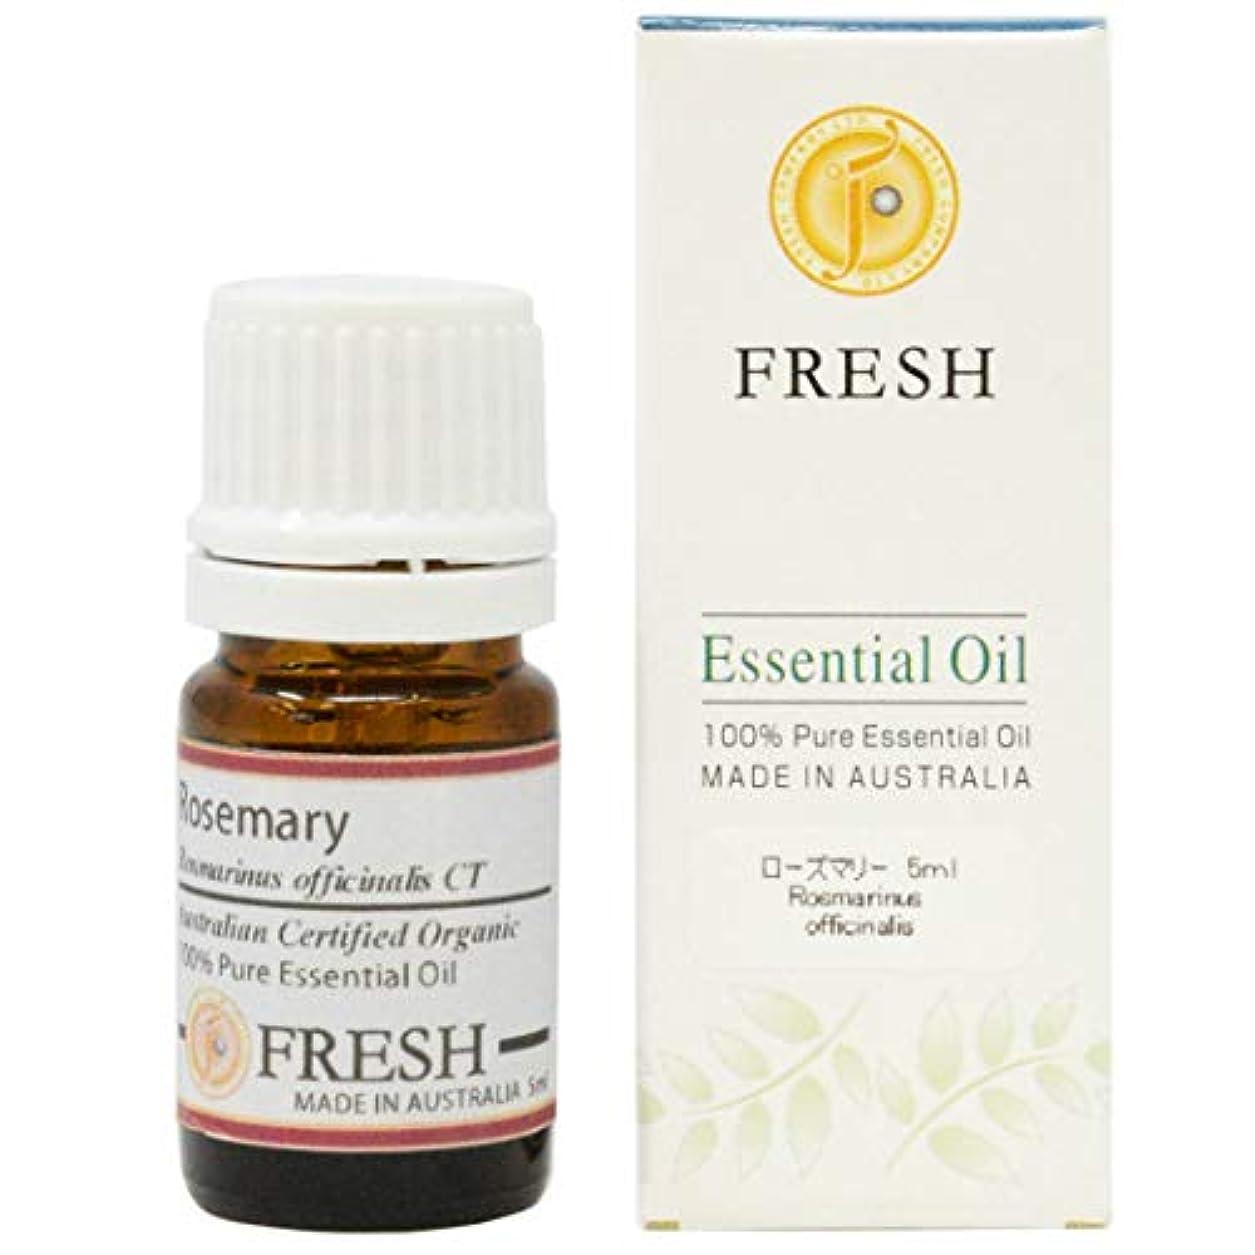 FRESH オーガニック エッセンシャルオイル ローズマリー 5ml (FRESH 精油)